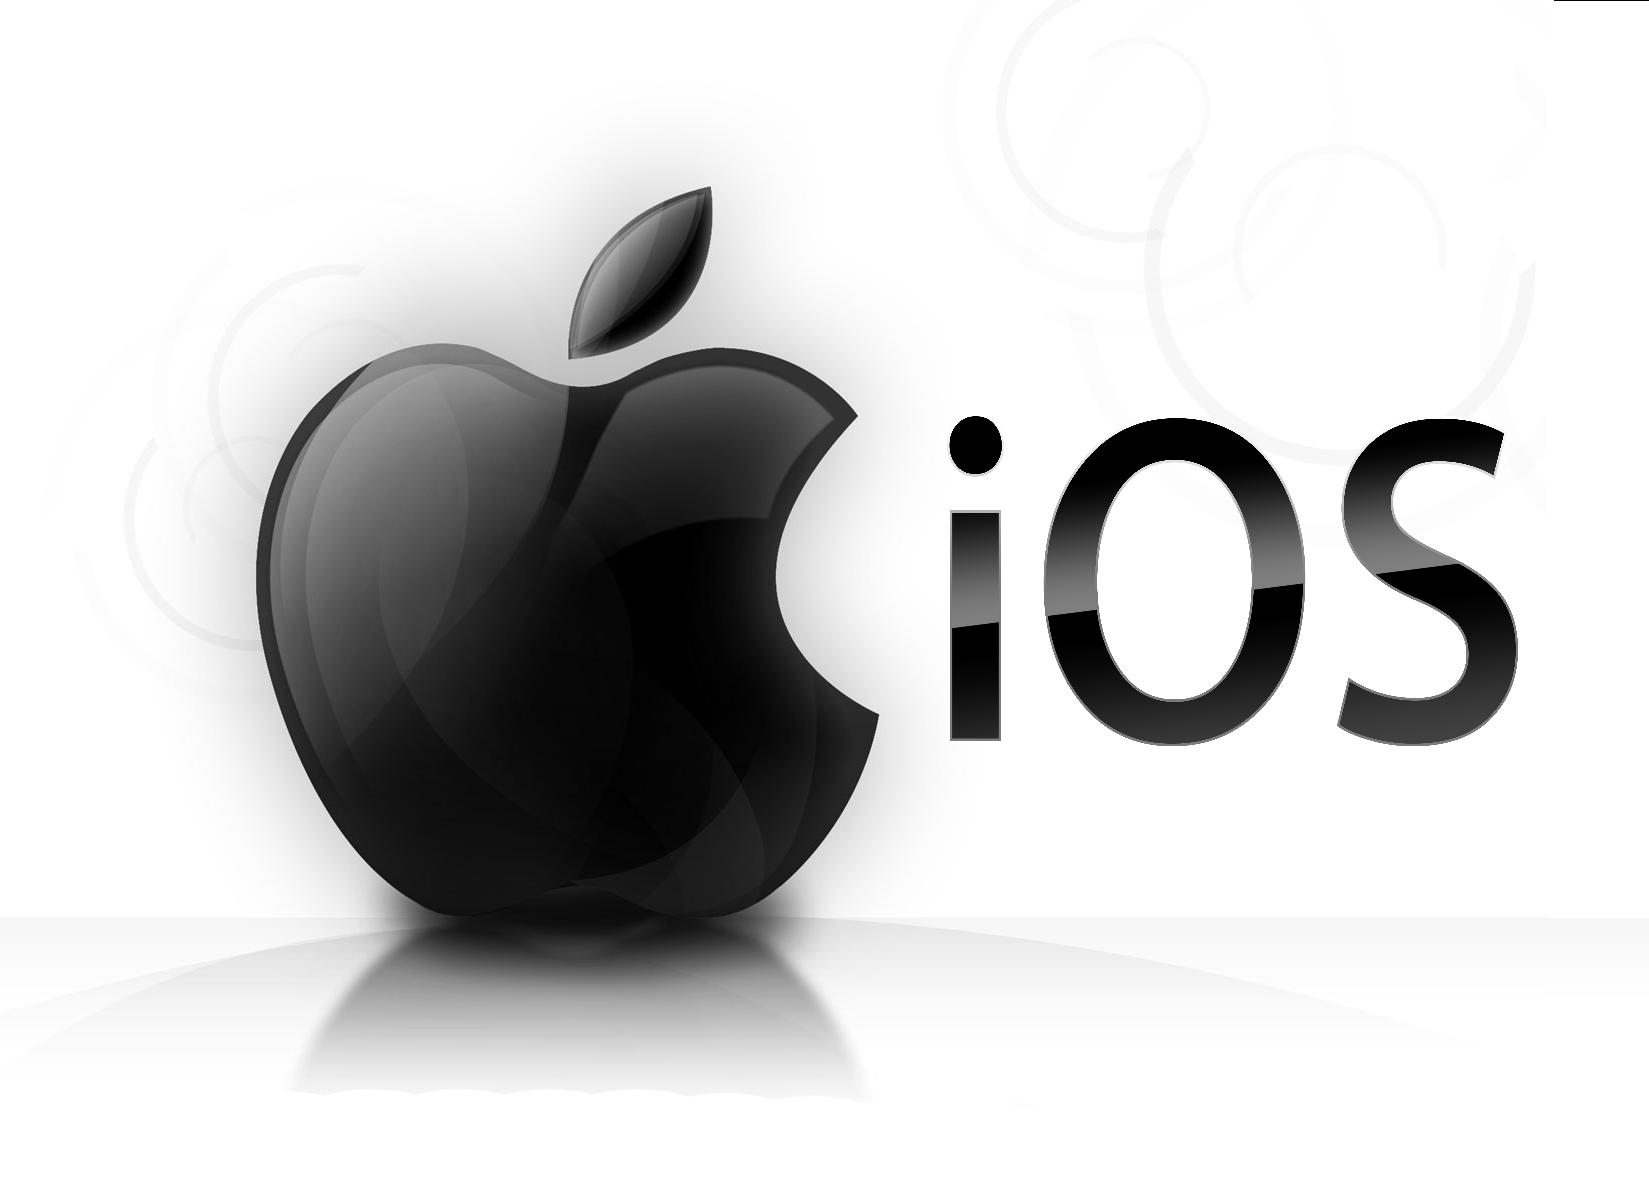 مقایسه ی سه سیستم عامل اندروید،IOS و ویندوزفون